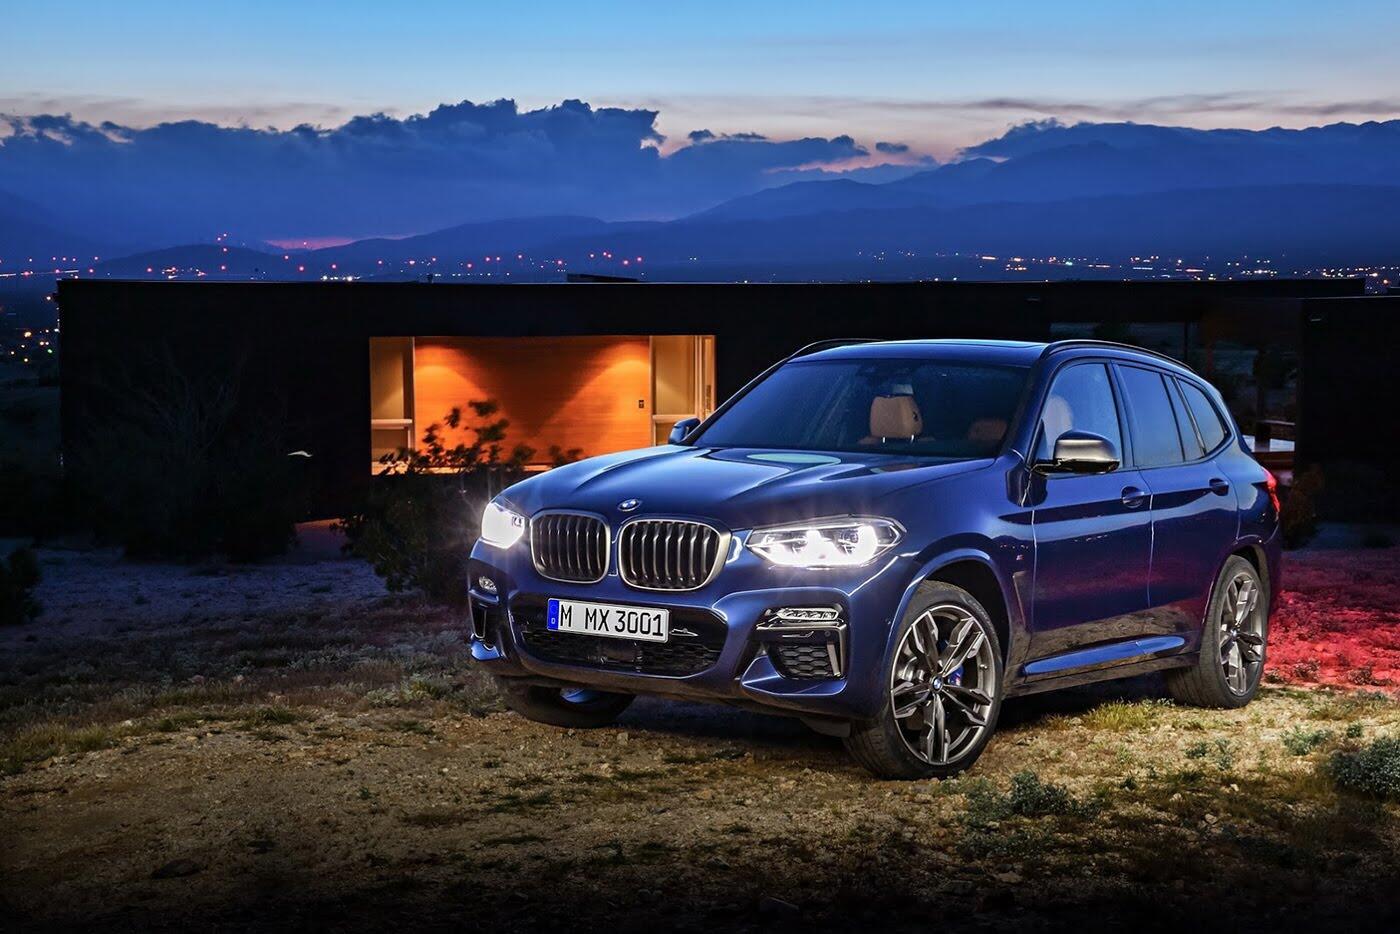 Ảnh chi tiết BMW X3 2018 hoàn toàn mới - Hình 2